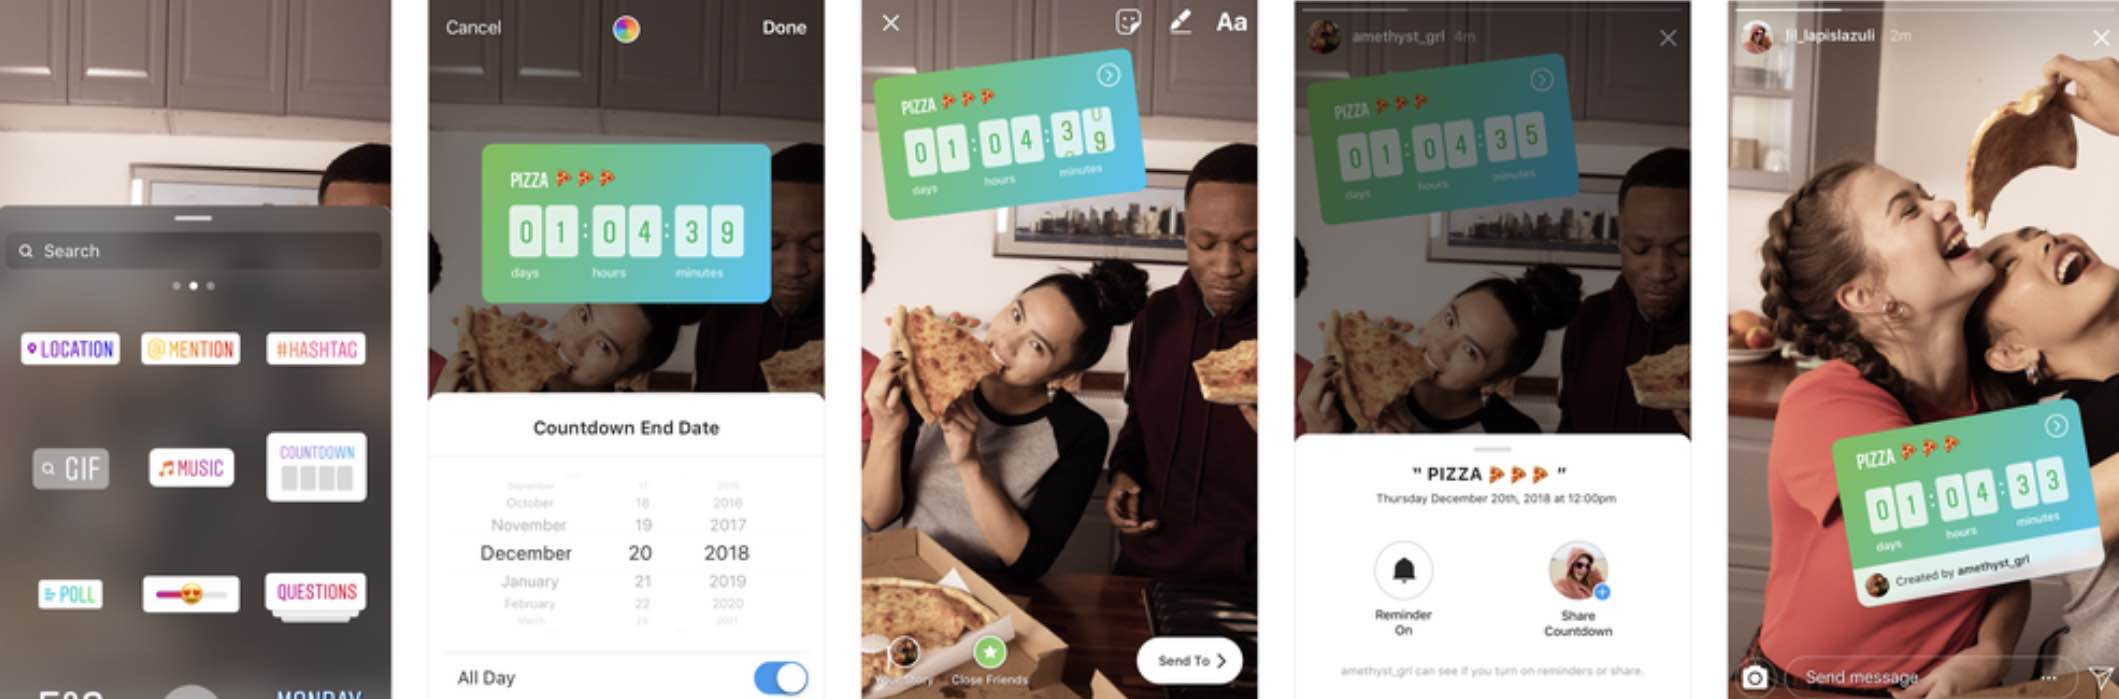 Instagram додав музичні питання, наліпки в прямий ефір і таймер